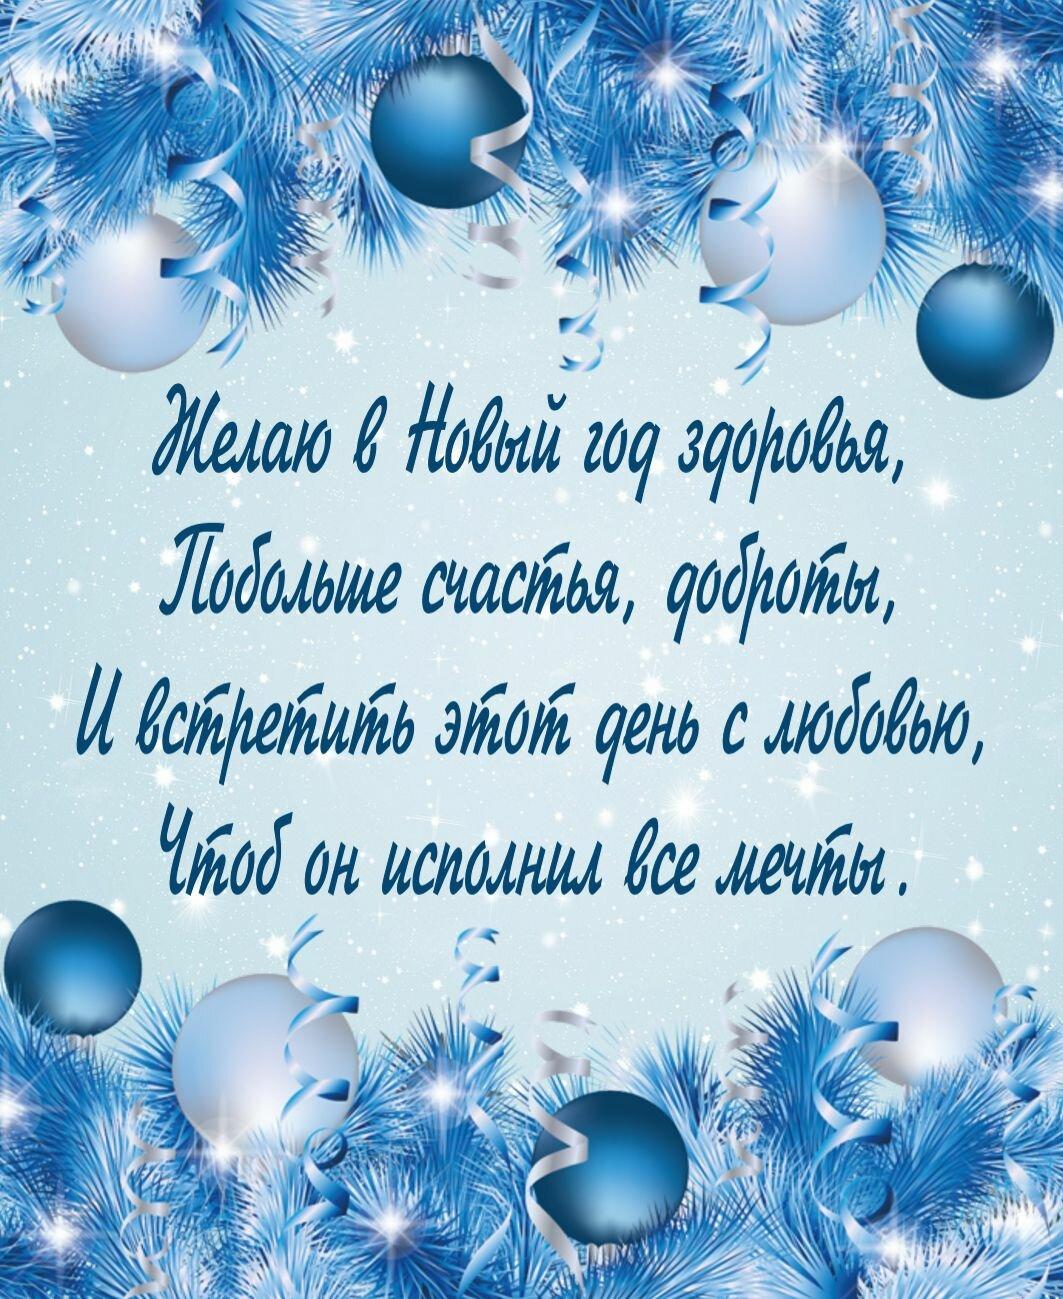 Стихи на новый год в открытку короткие